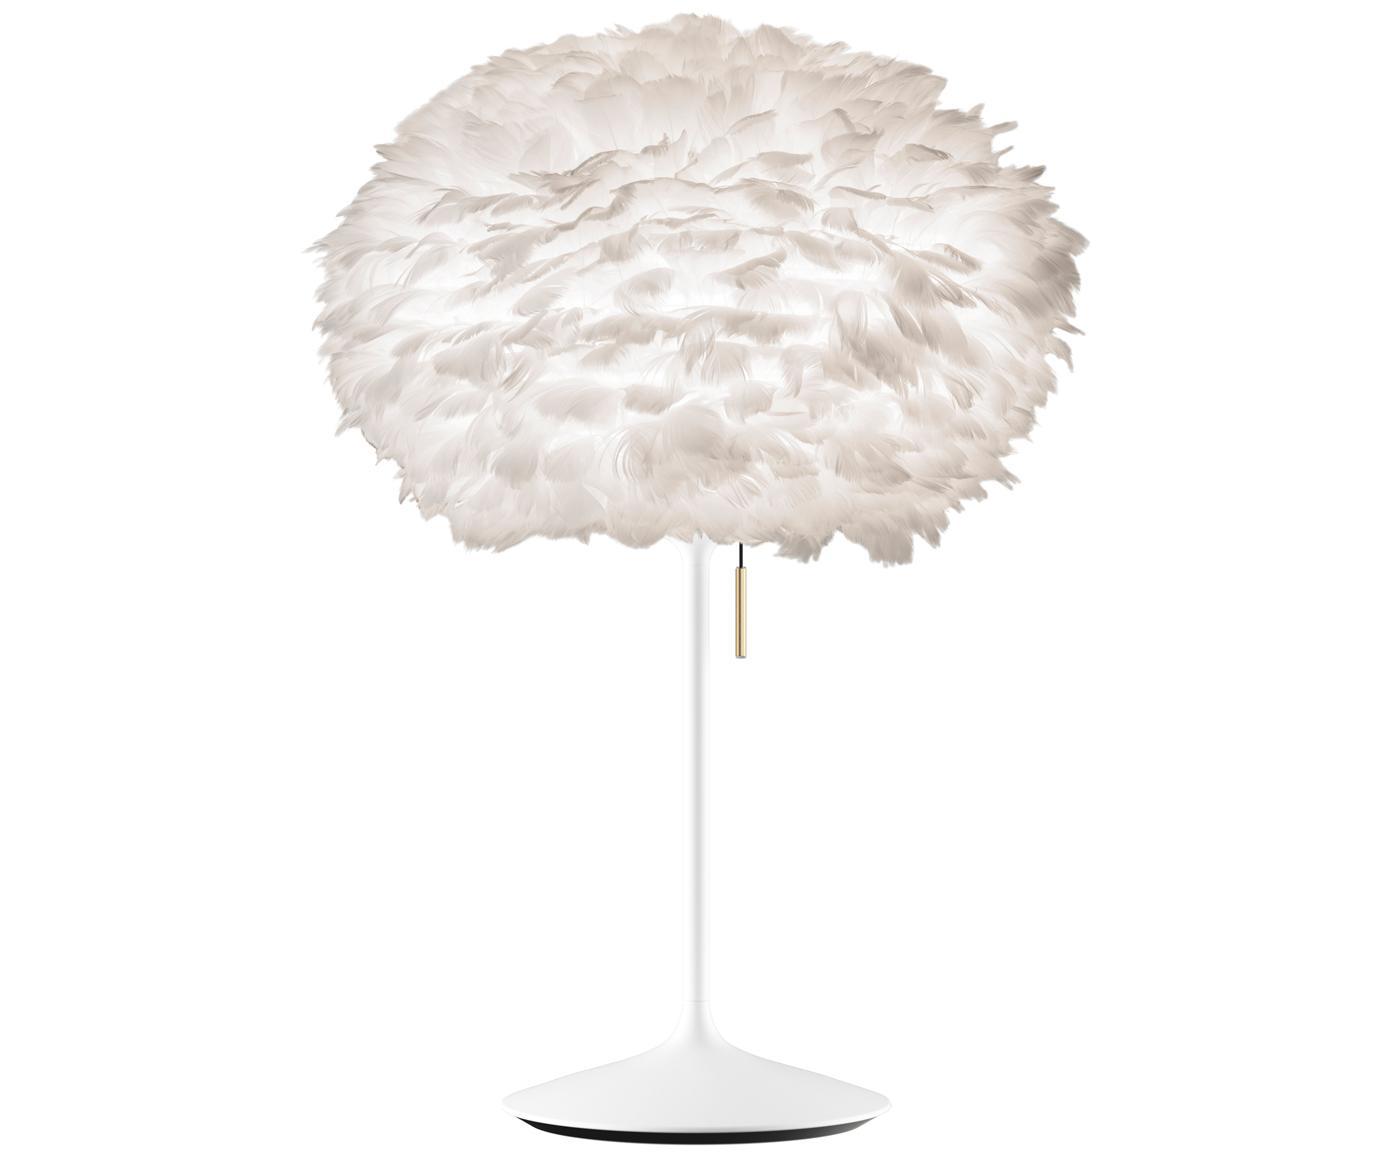 Lampada da tavolo Eos Champagne, Paralume: polipropilene, policarbon, Base della lampada: alluminio, verniciato, Struttura: acciaio, Bianco, Ø 45 x Alt. 72 cm